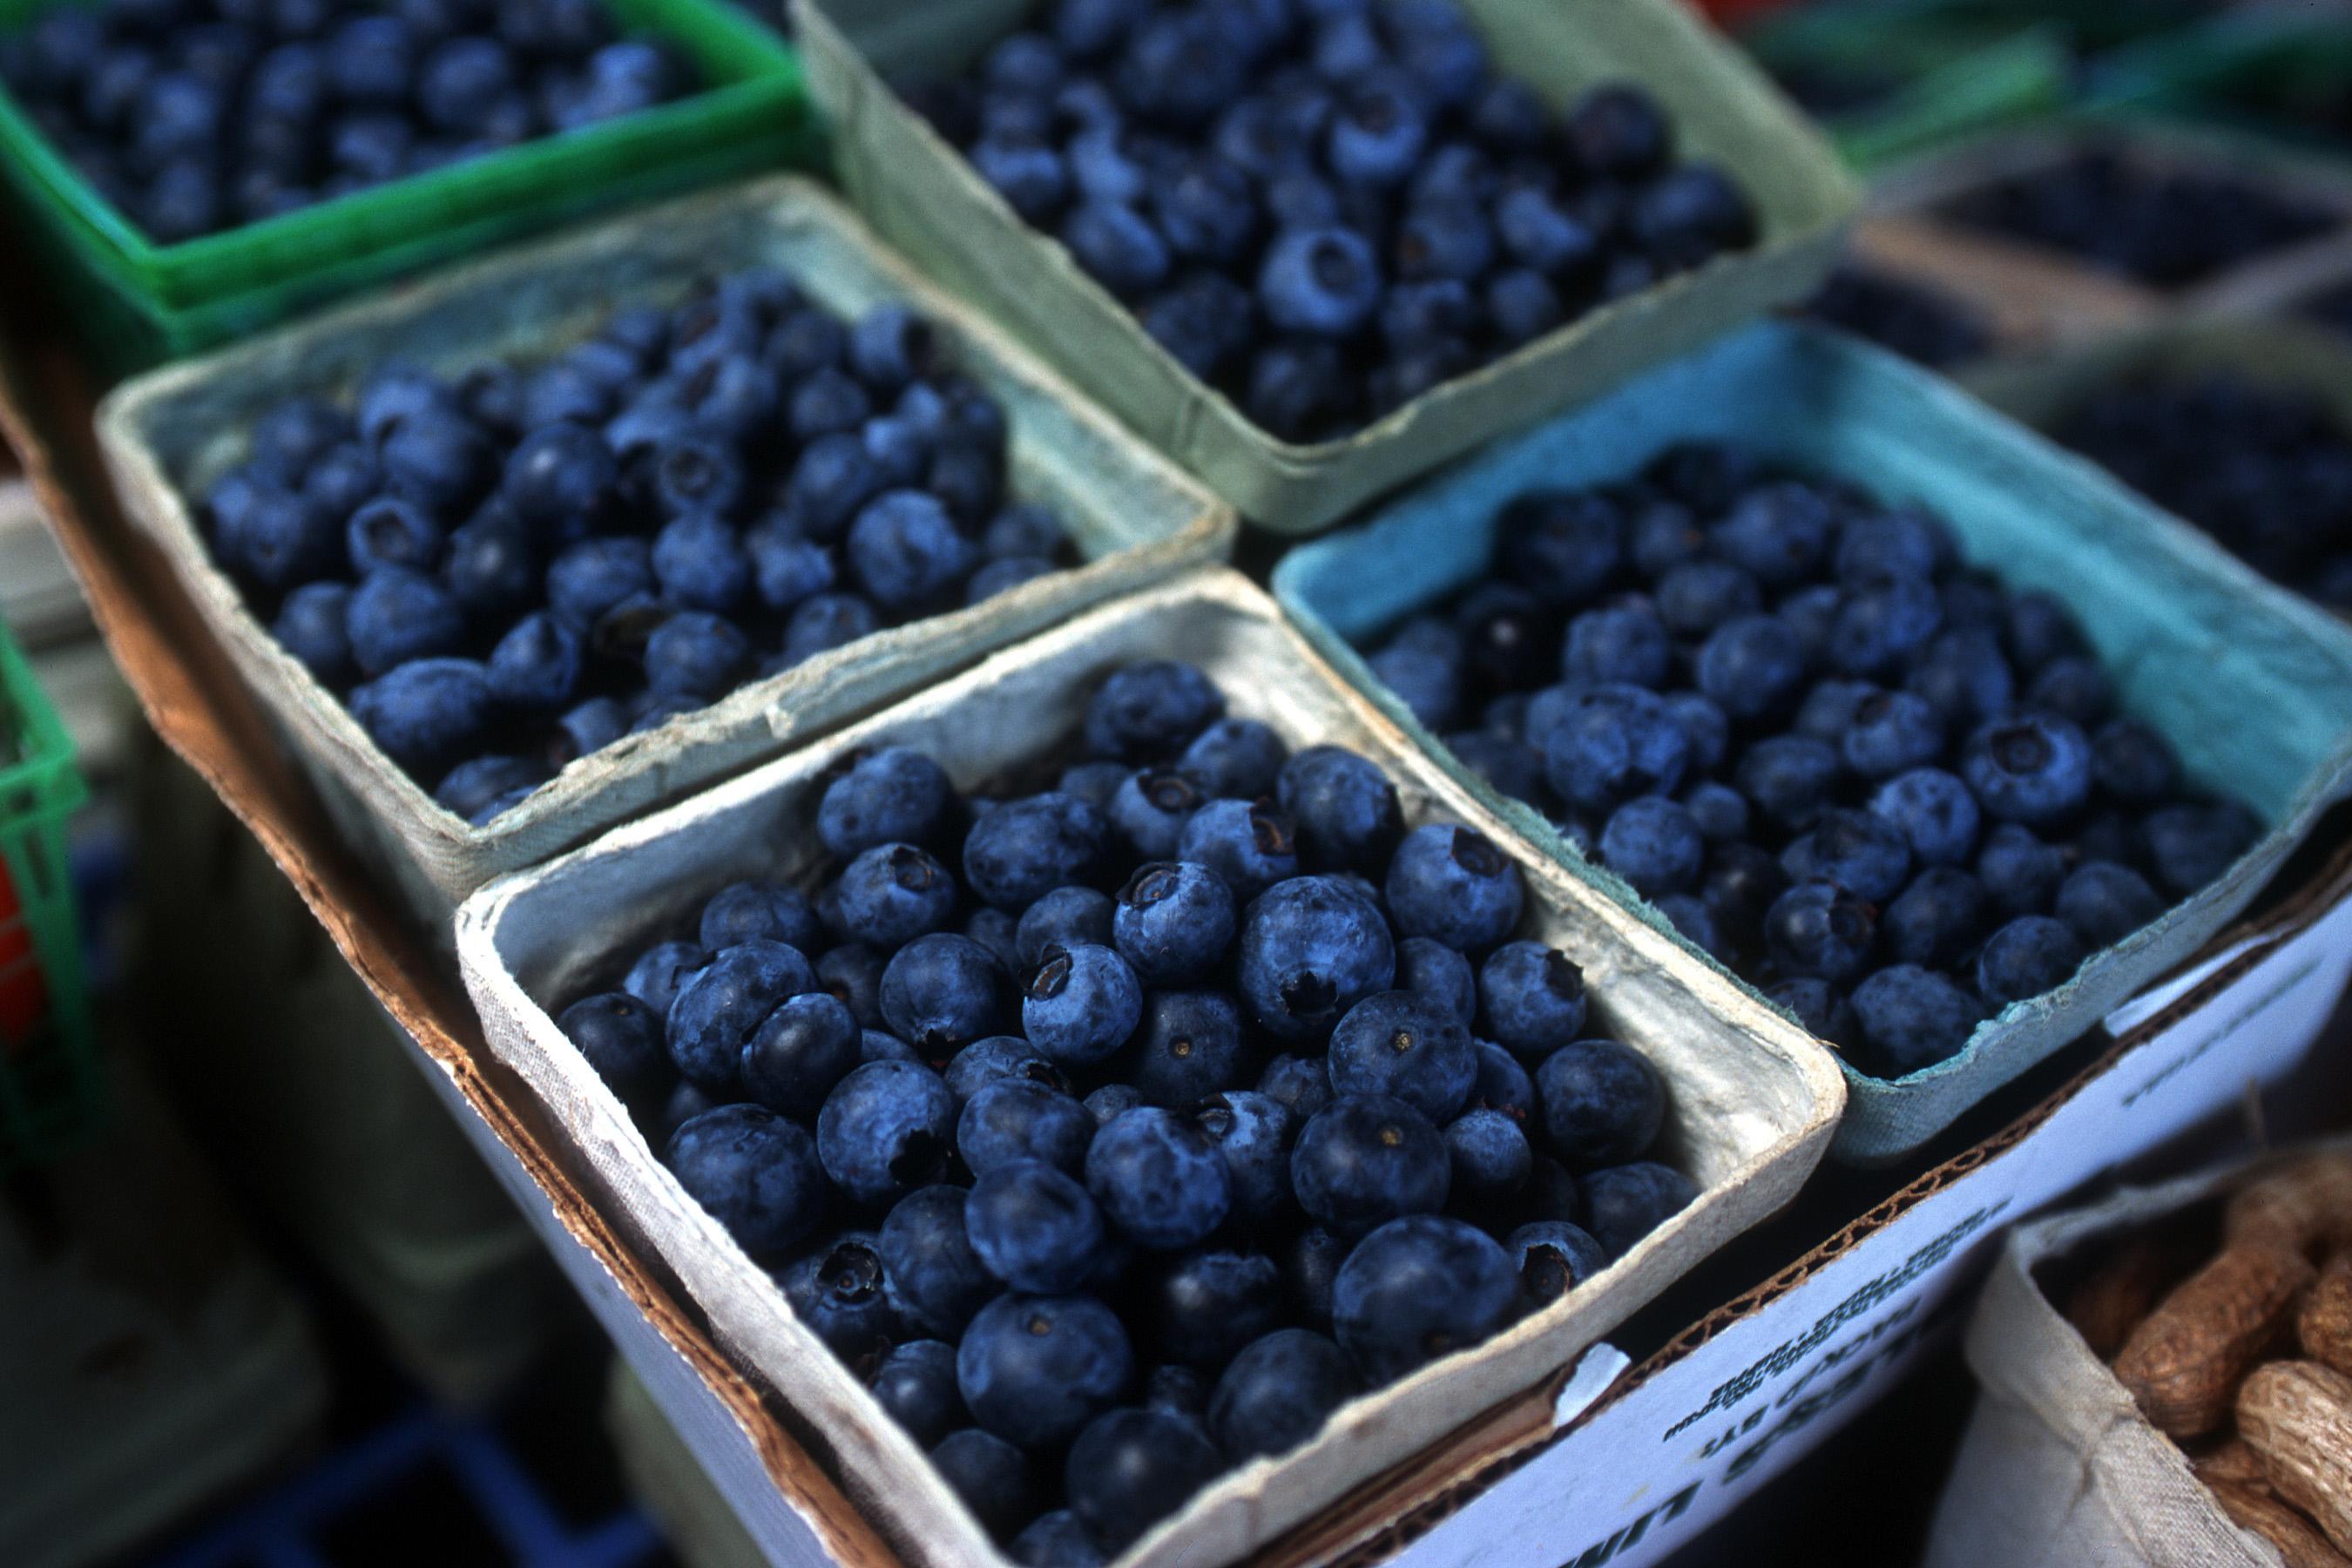 OBJ.blueberries